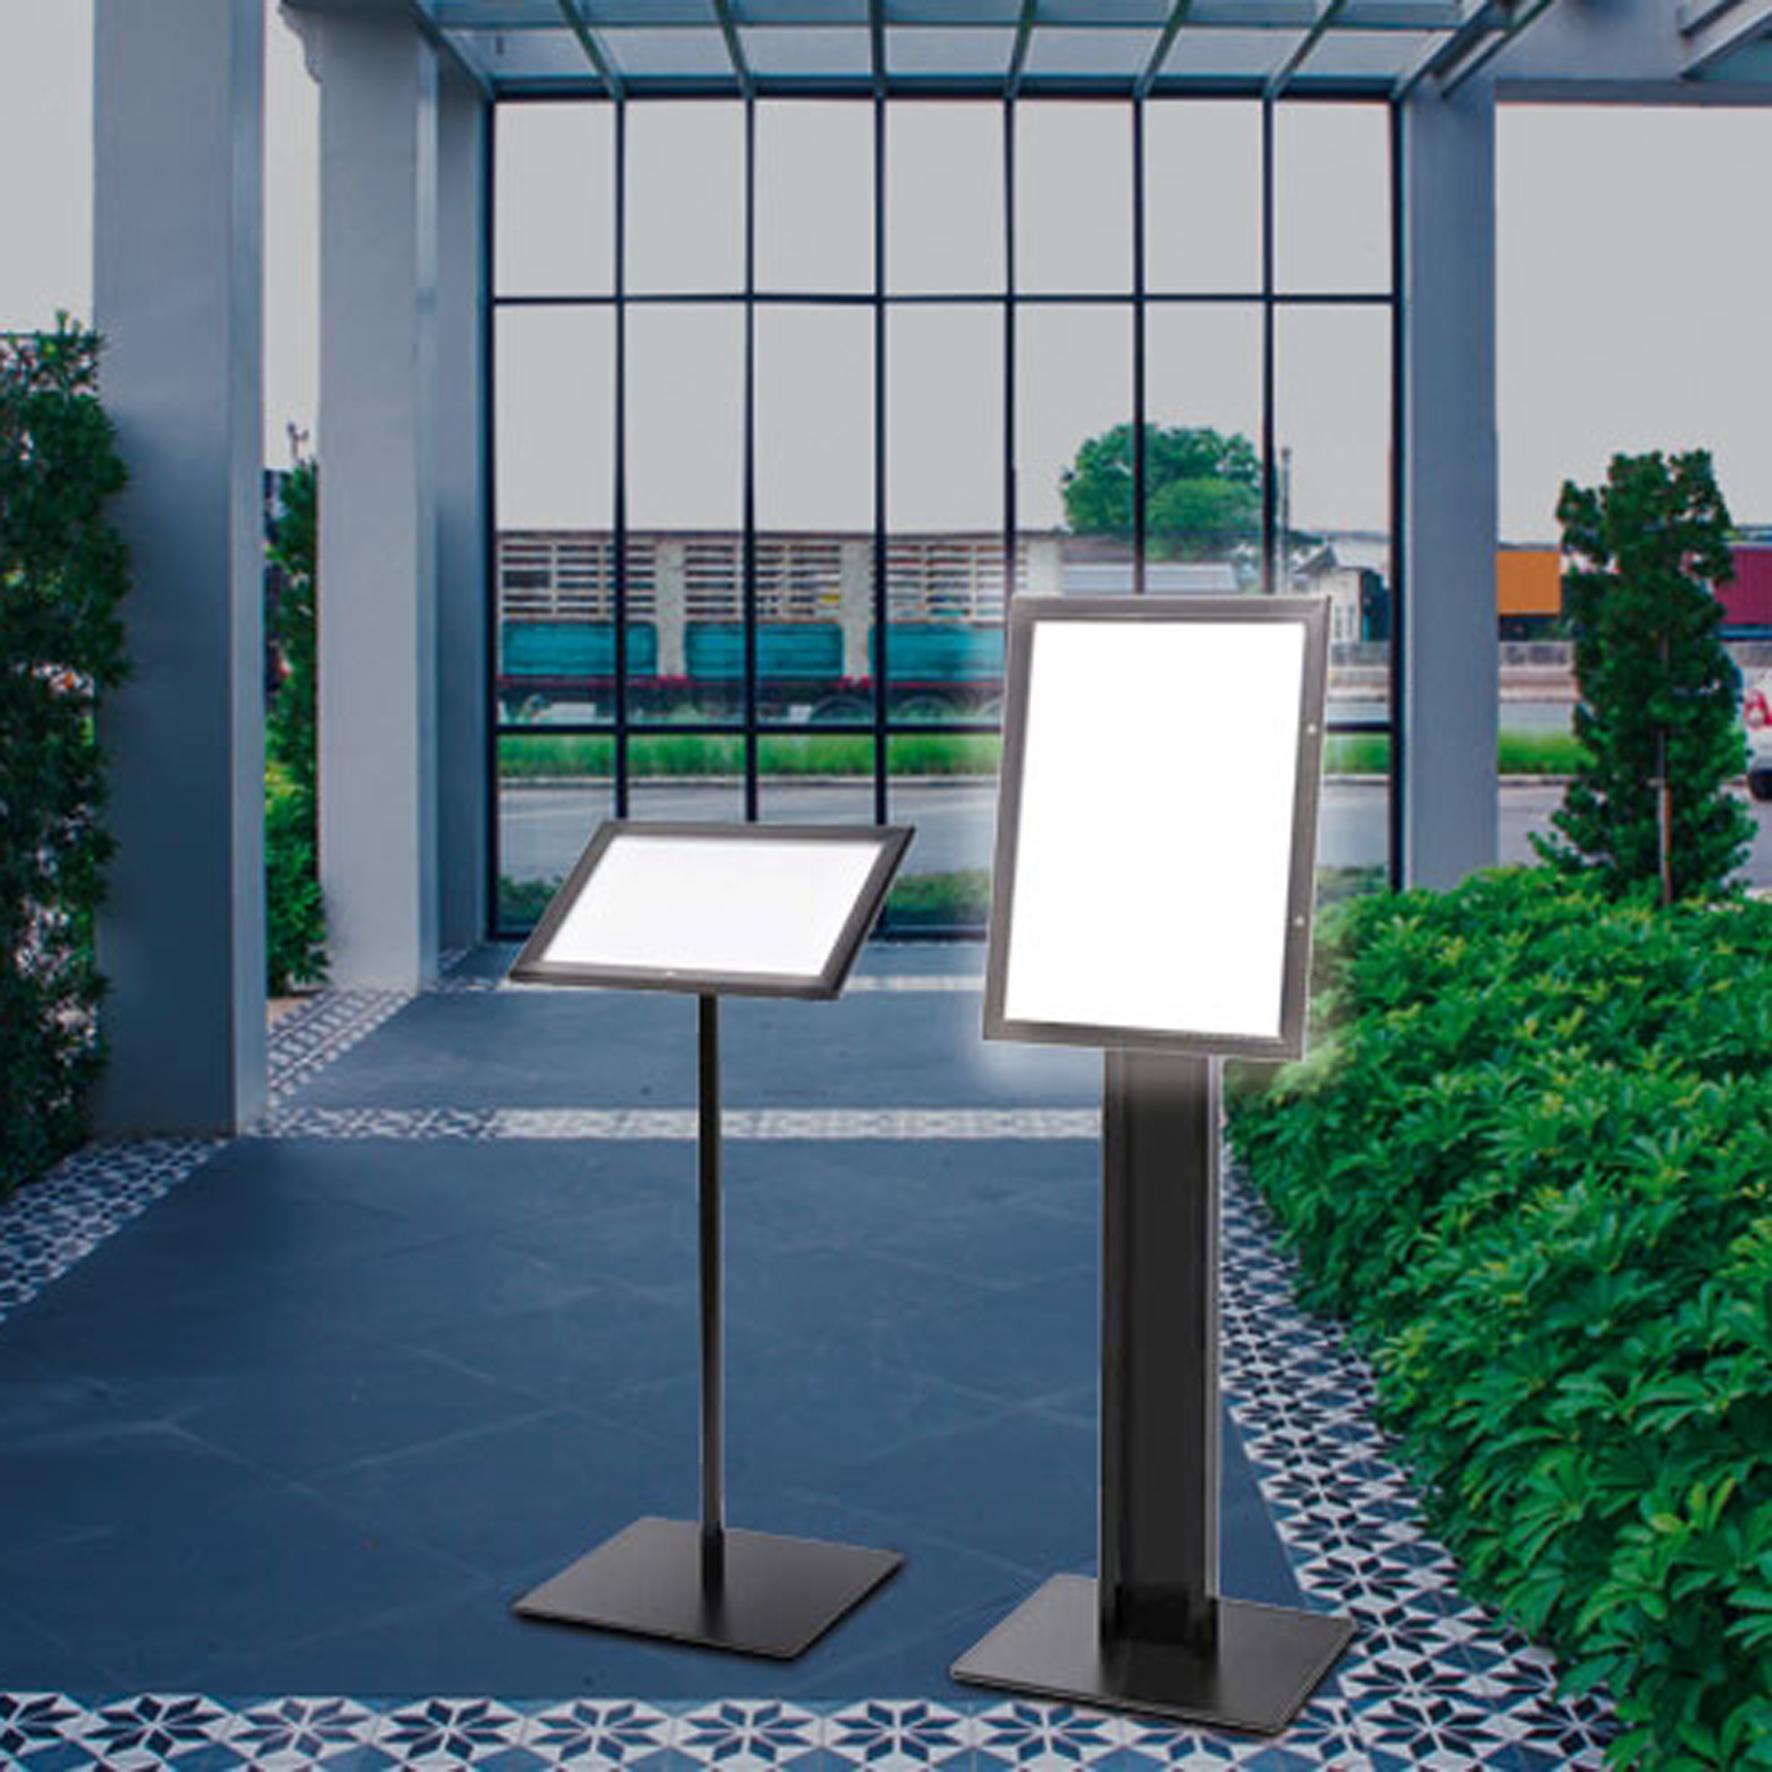 Bacheche luminose illuminate a led, con vetro temperato certificato. Disponibili anche per esterno resistenti all'acqua ed agenti atmosferici.